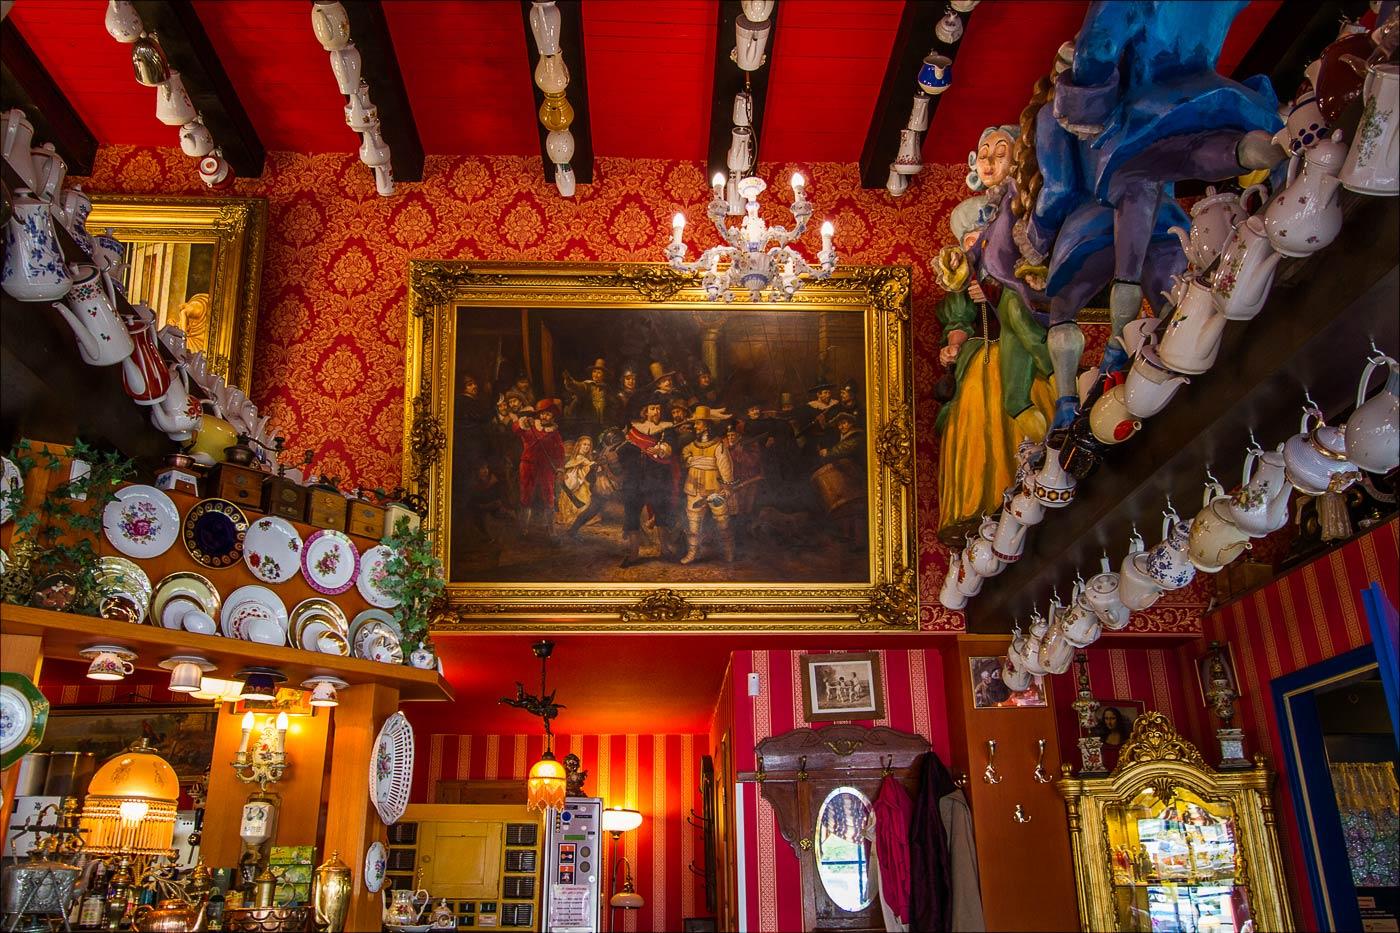 Декорации кафе в Саксонии